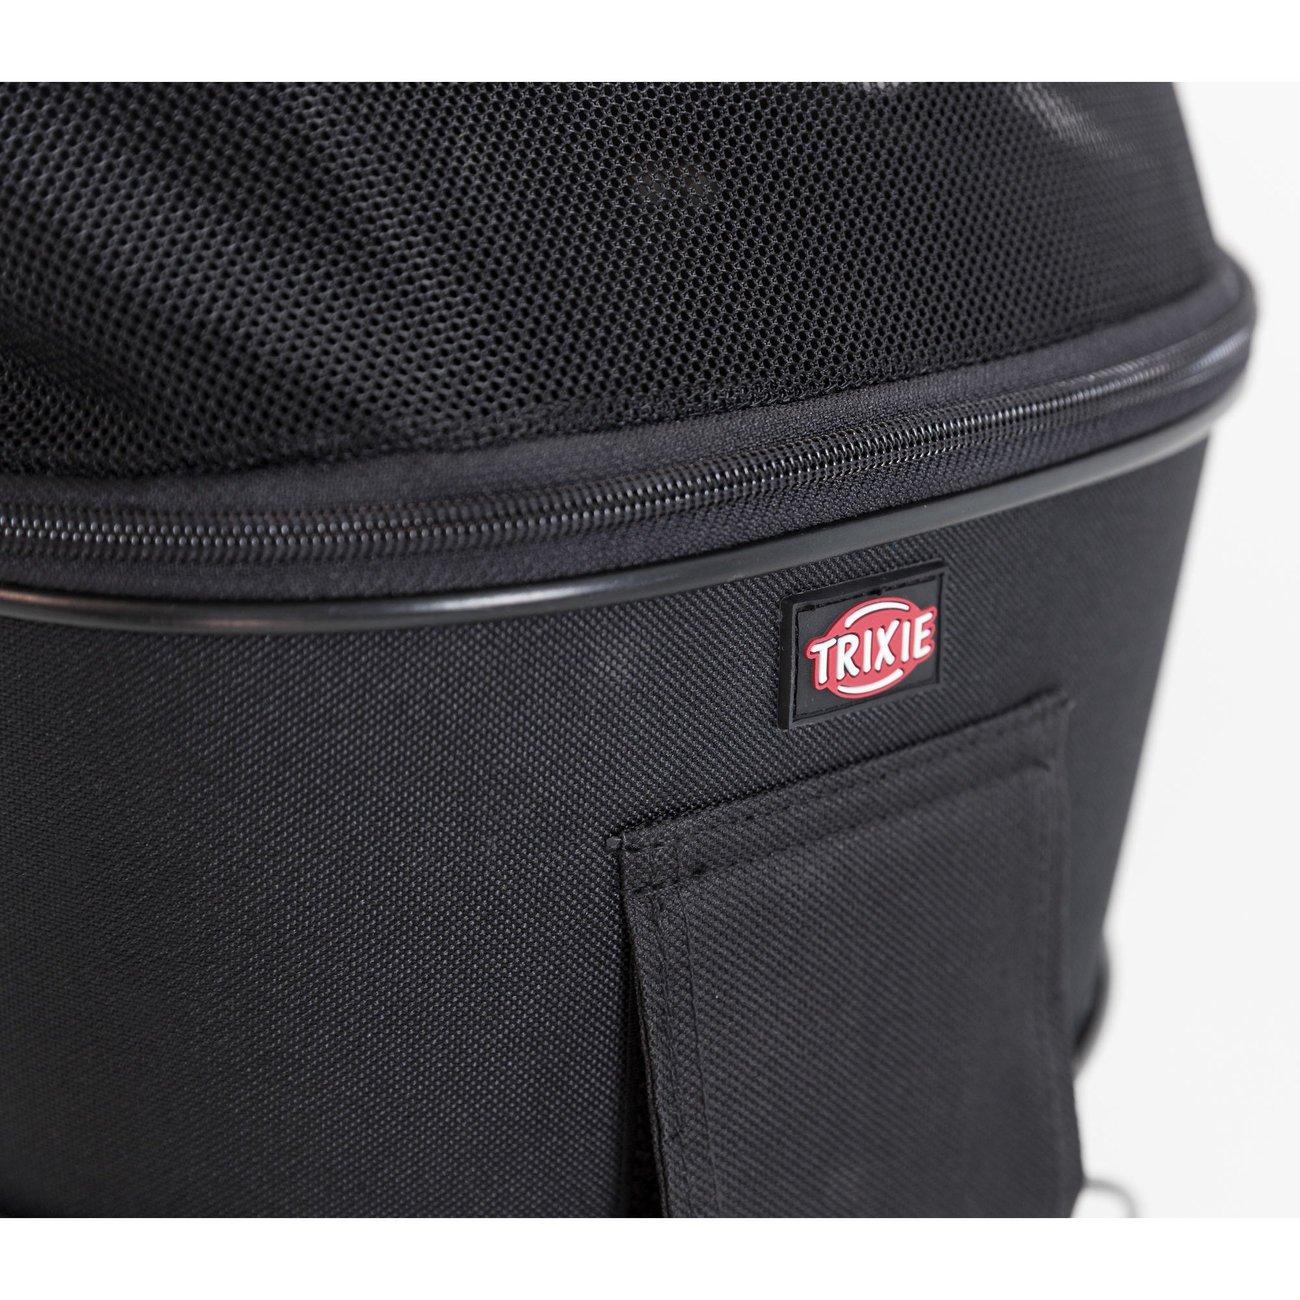 Fahrradtasche mit Metallrahmen für breite Gepäckträger Bild 9